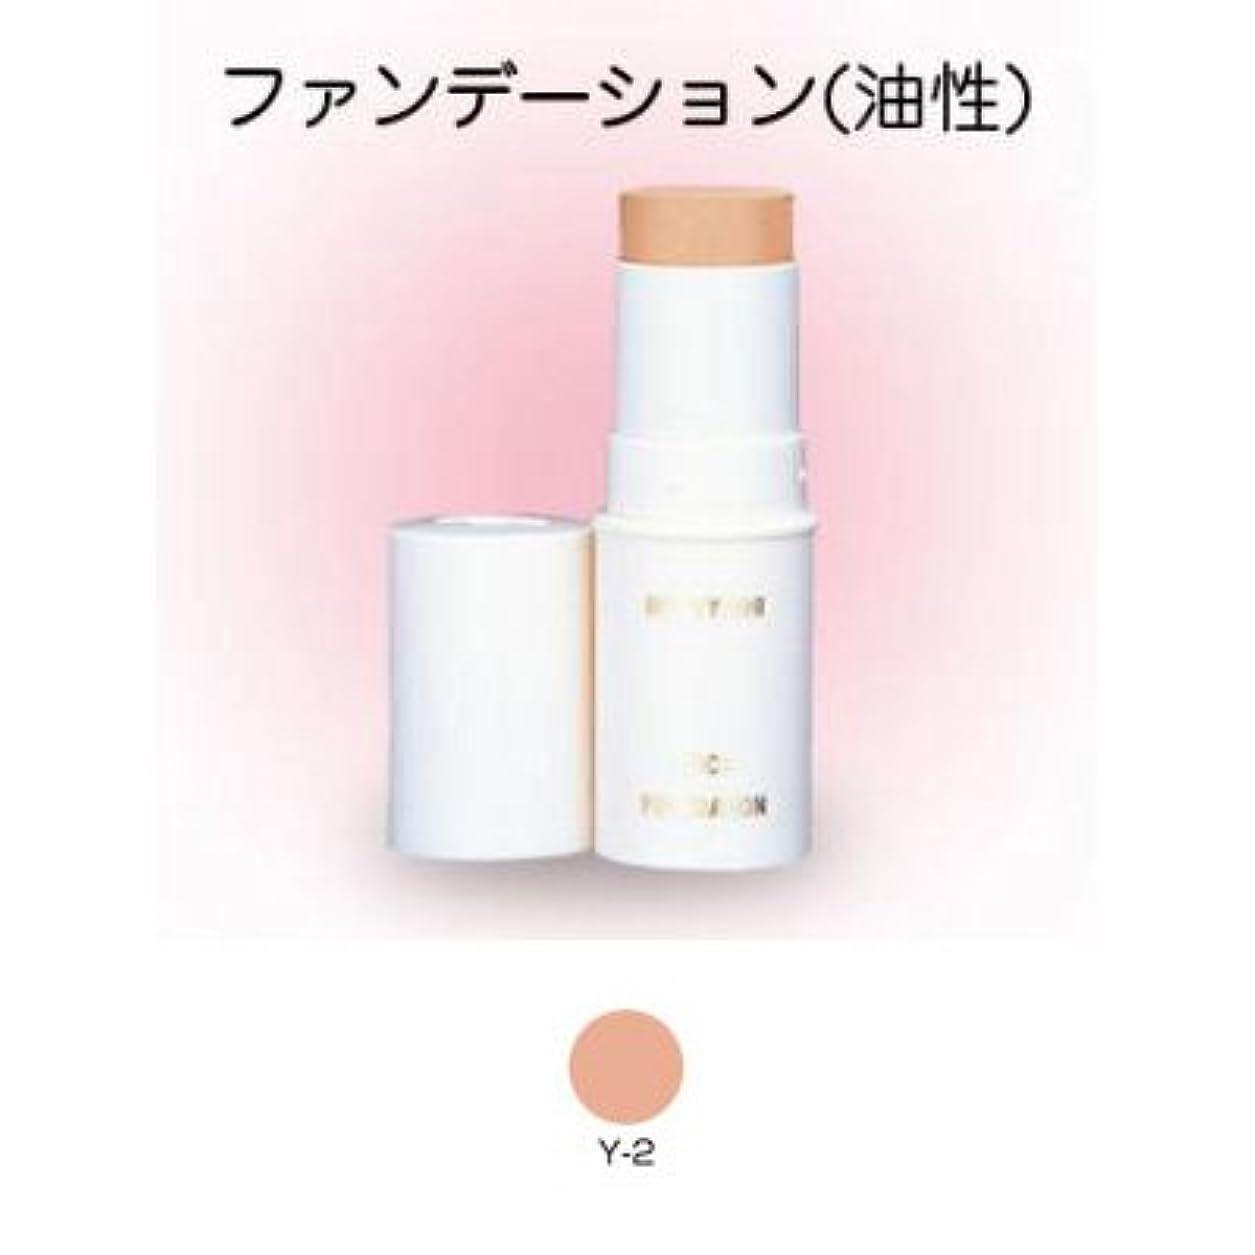 挨拶膜オールスティックファンデーション 16g Y-2 【三善】